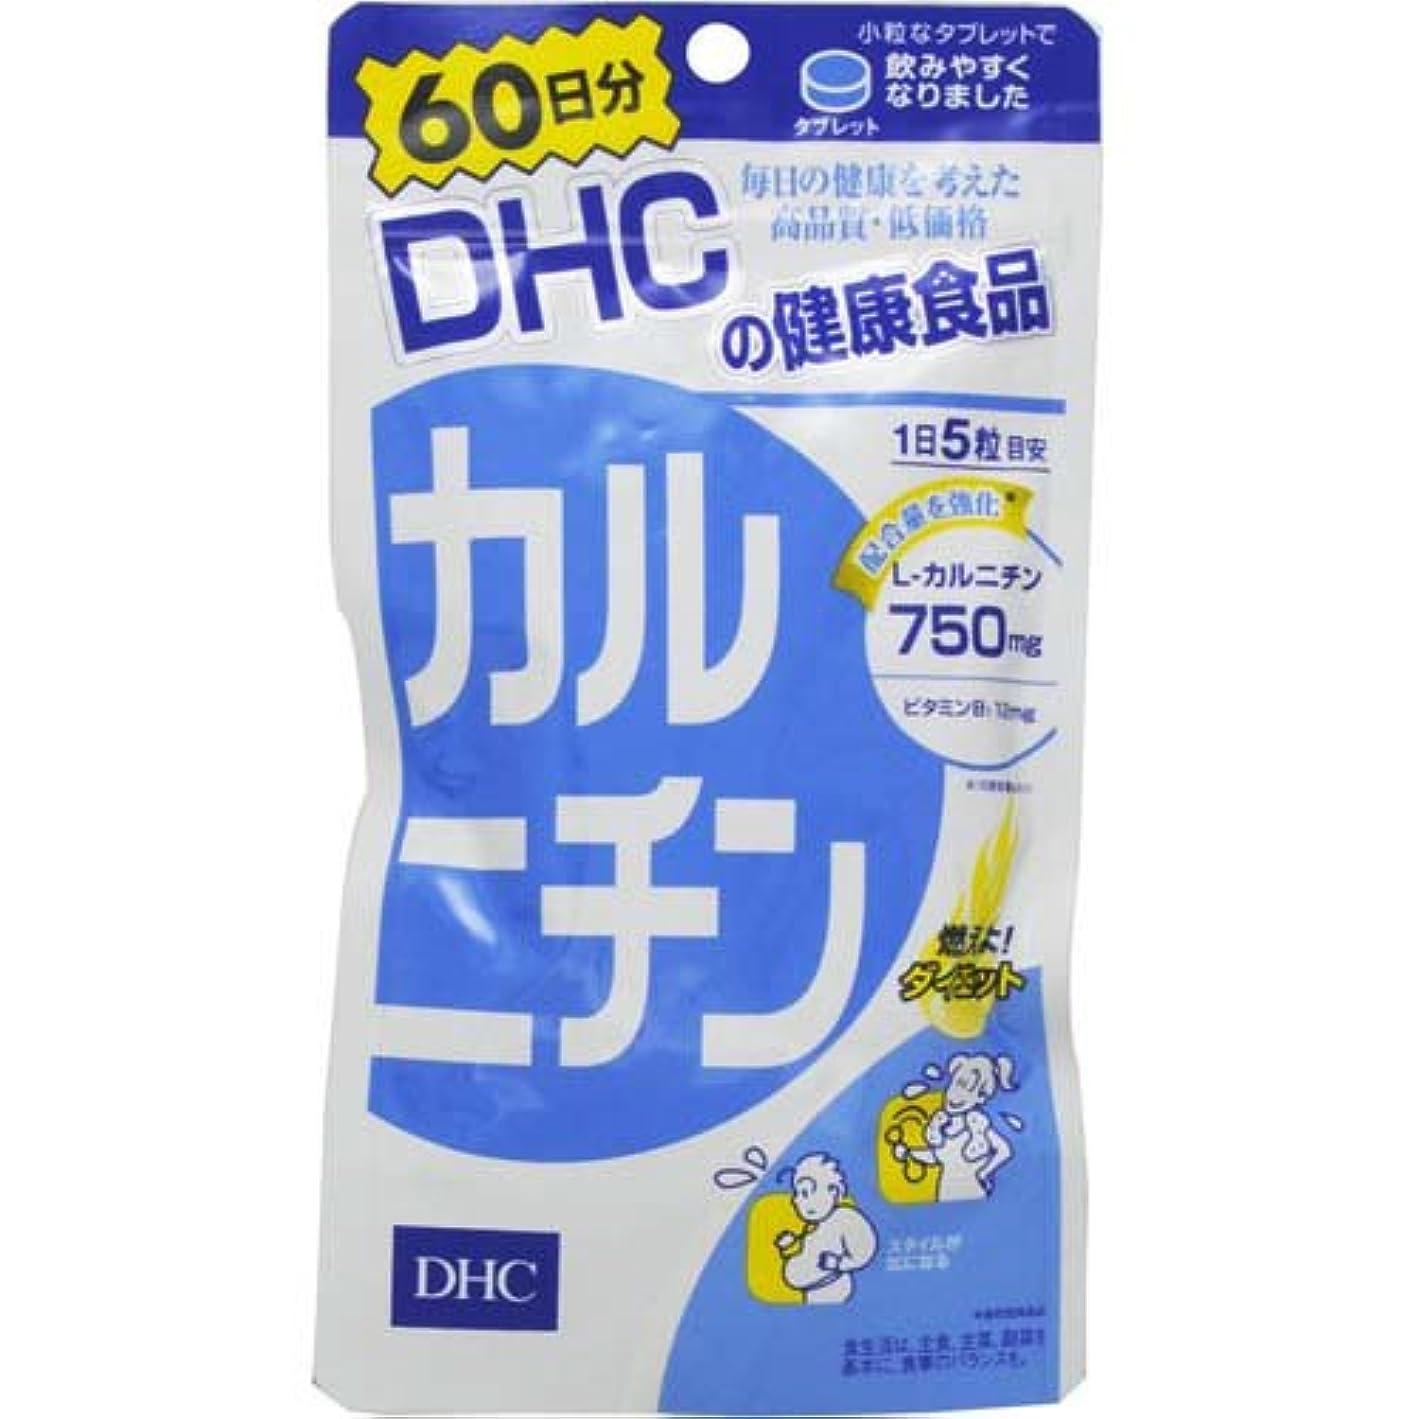 感嘆符瞬時にブッシュDHC カルニチン 60日分 300粒